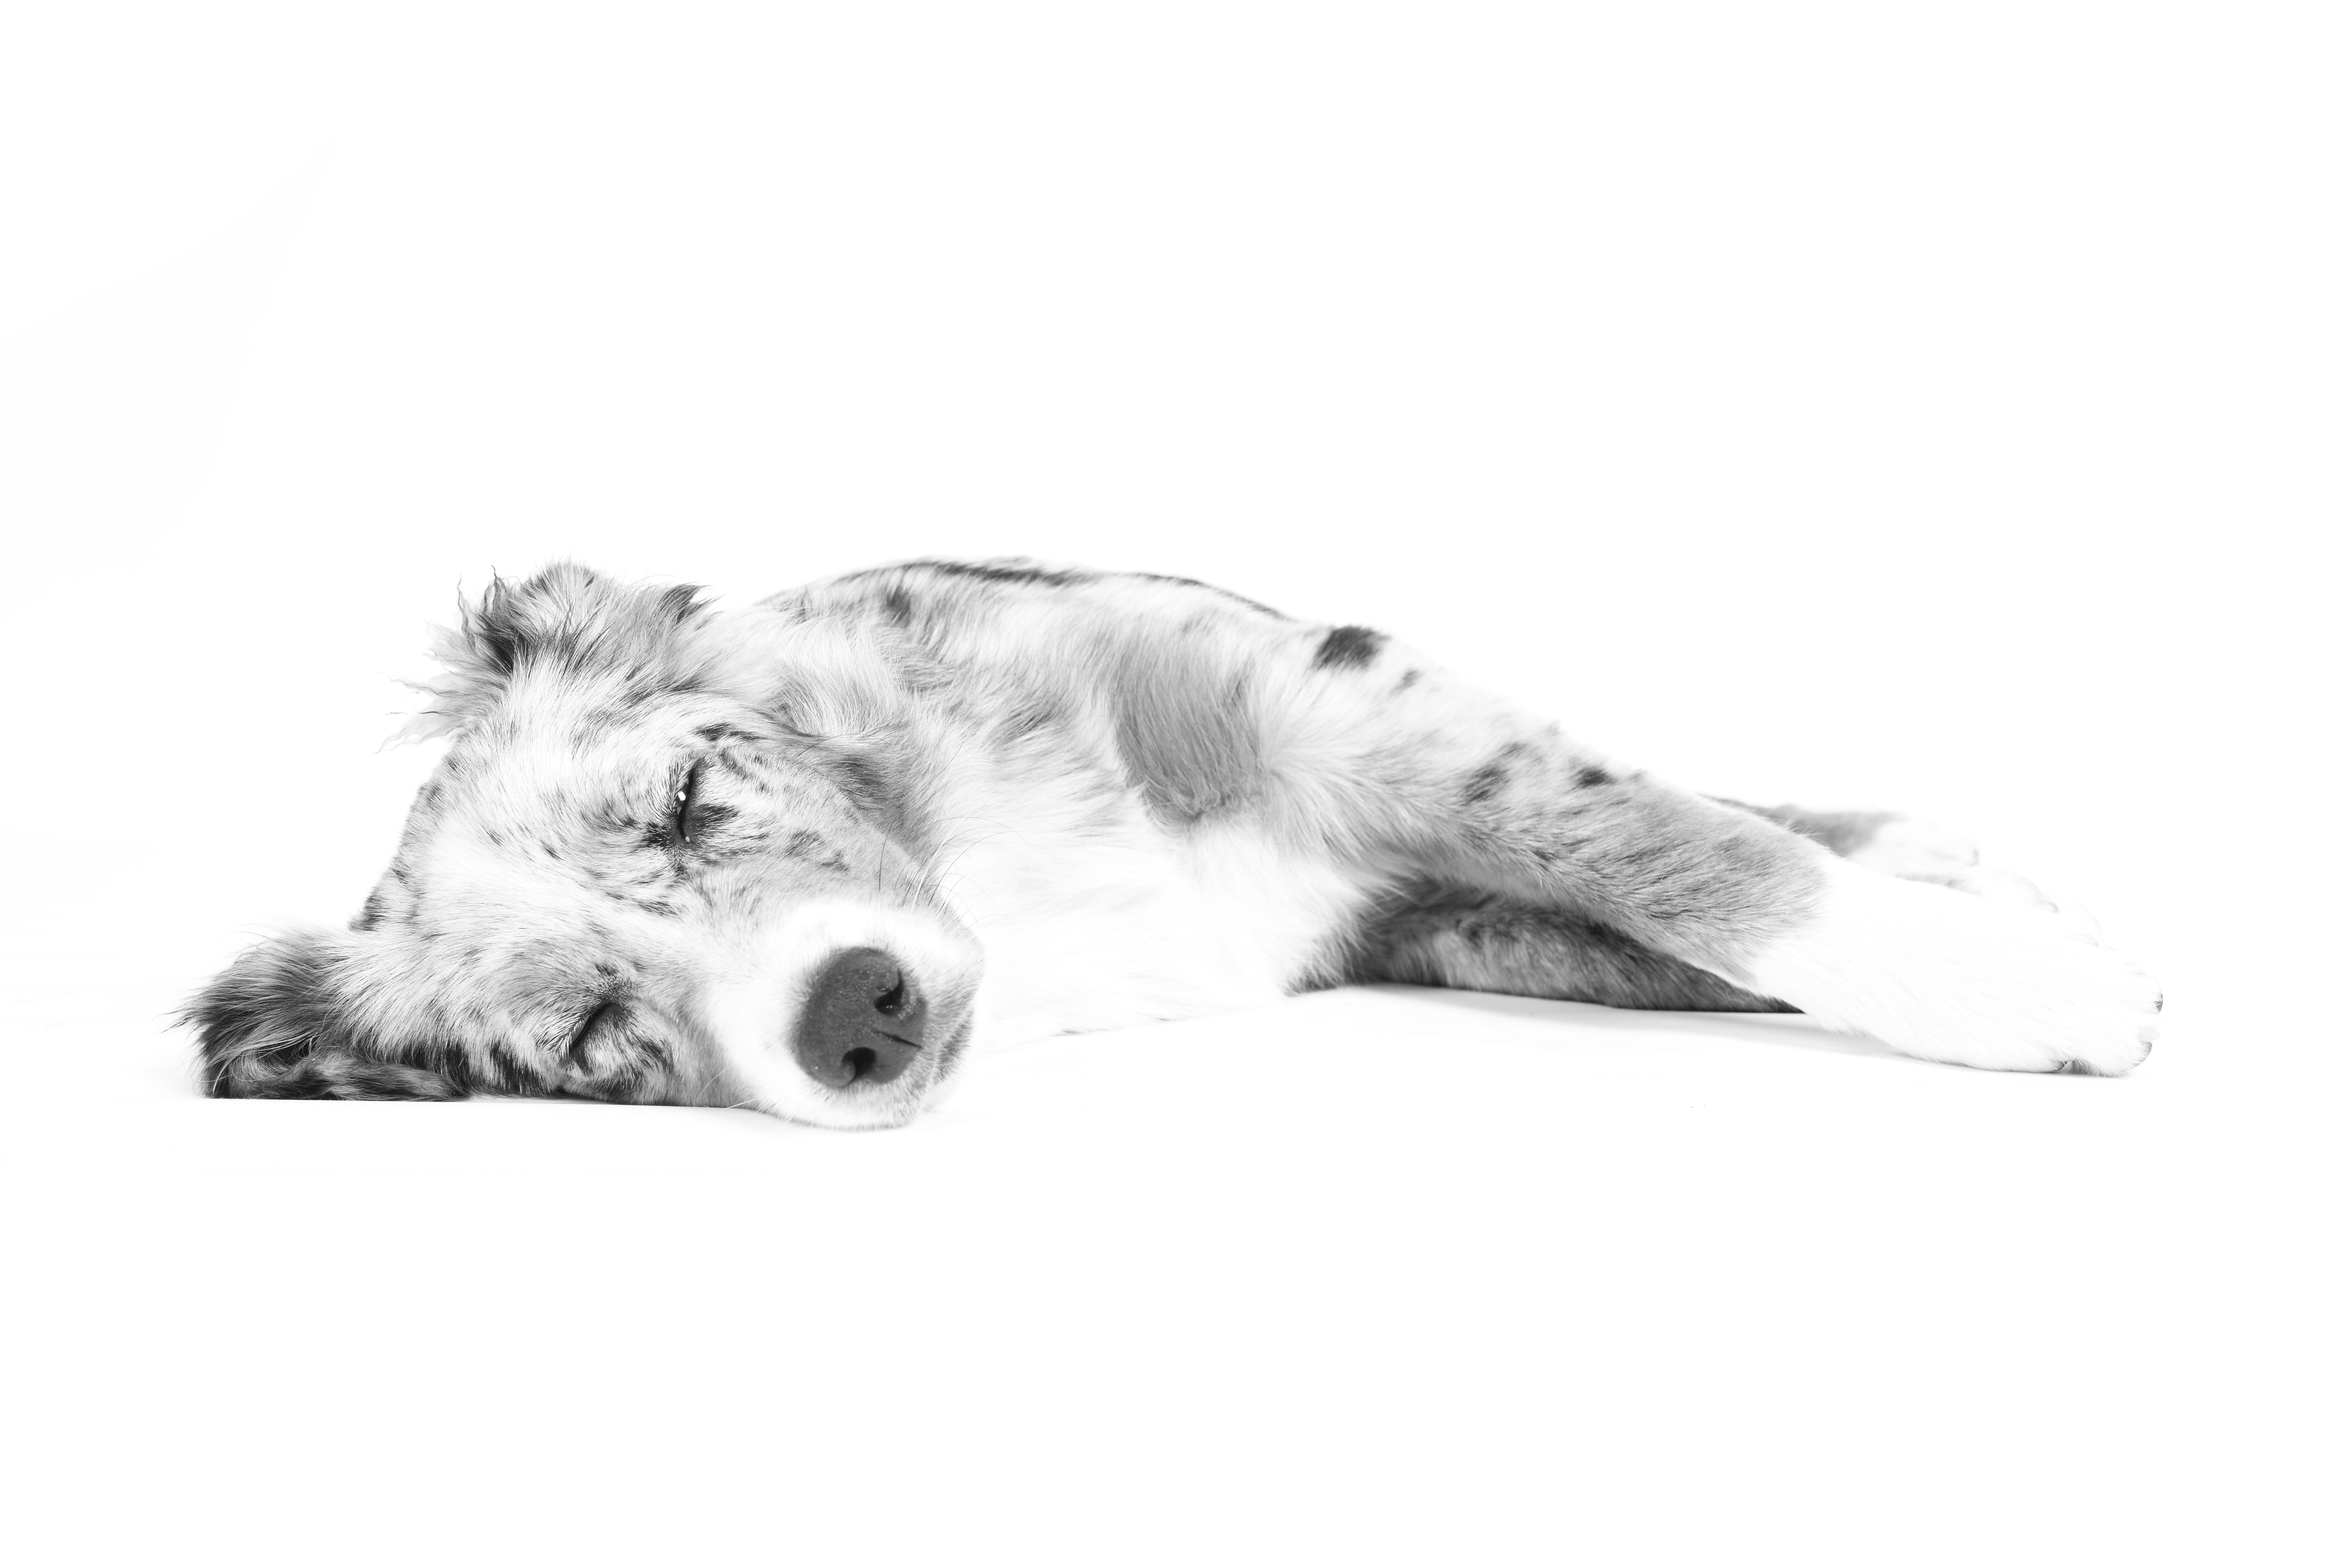 Gambar Sepatu Hitam Dan Putih Anjing Bulu Bersantai Tidur